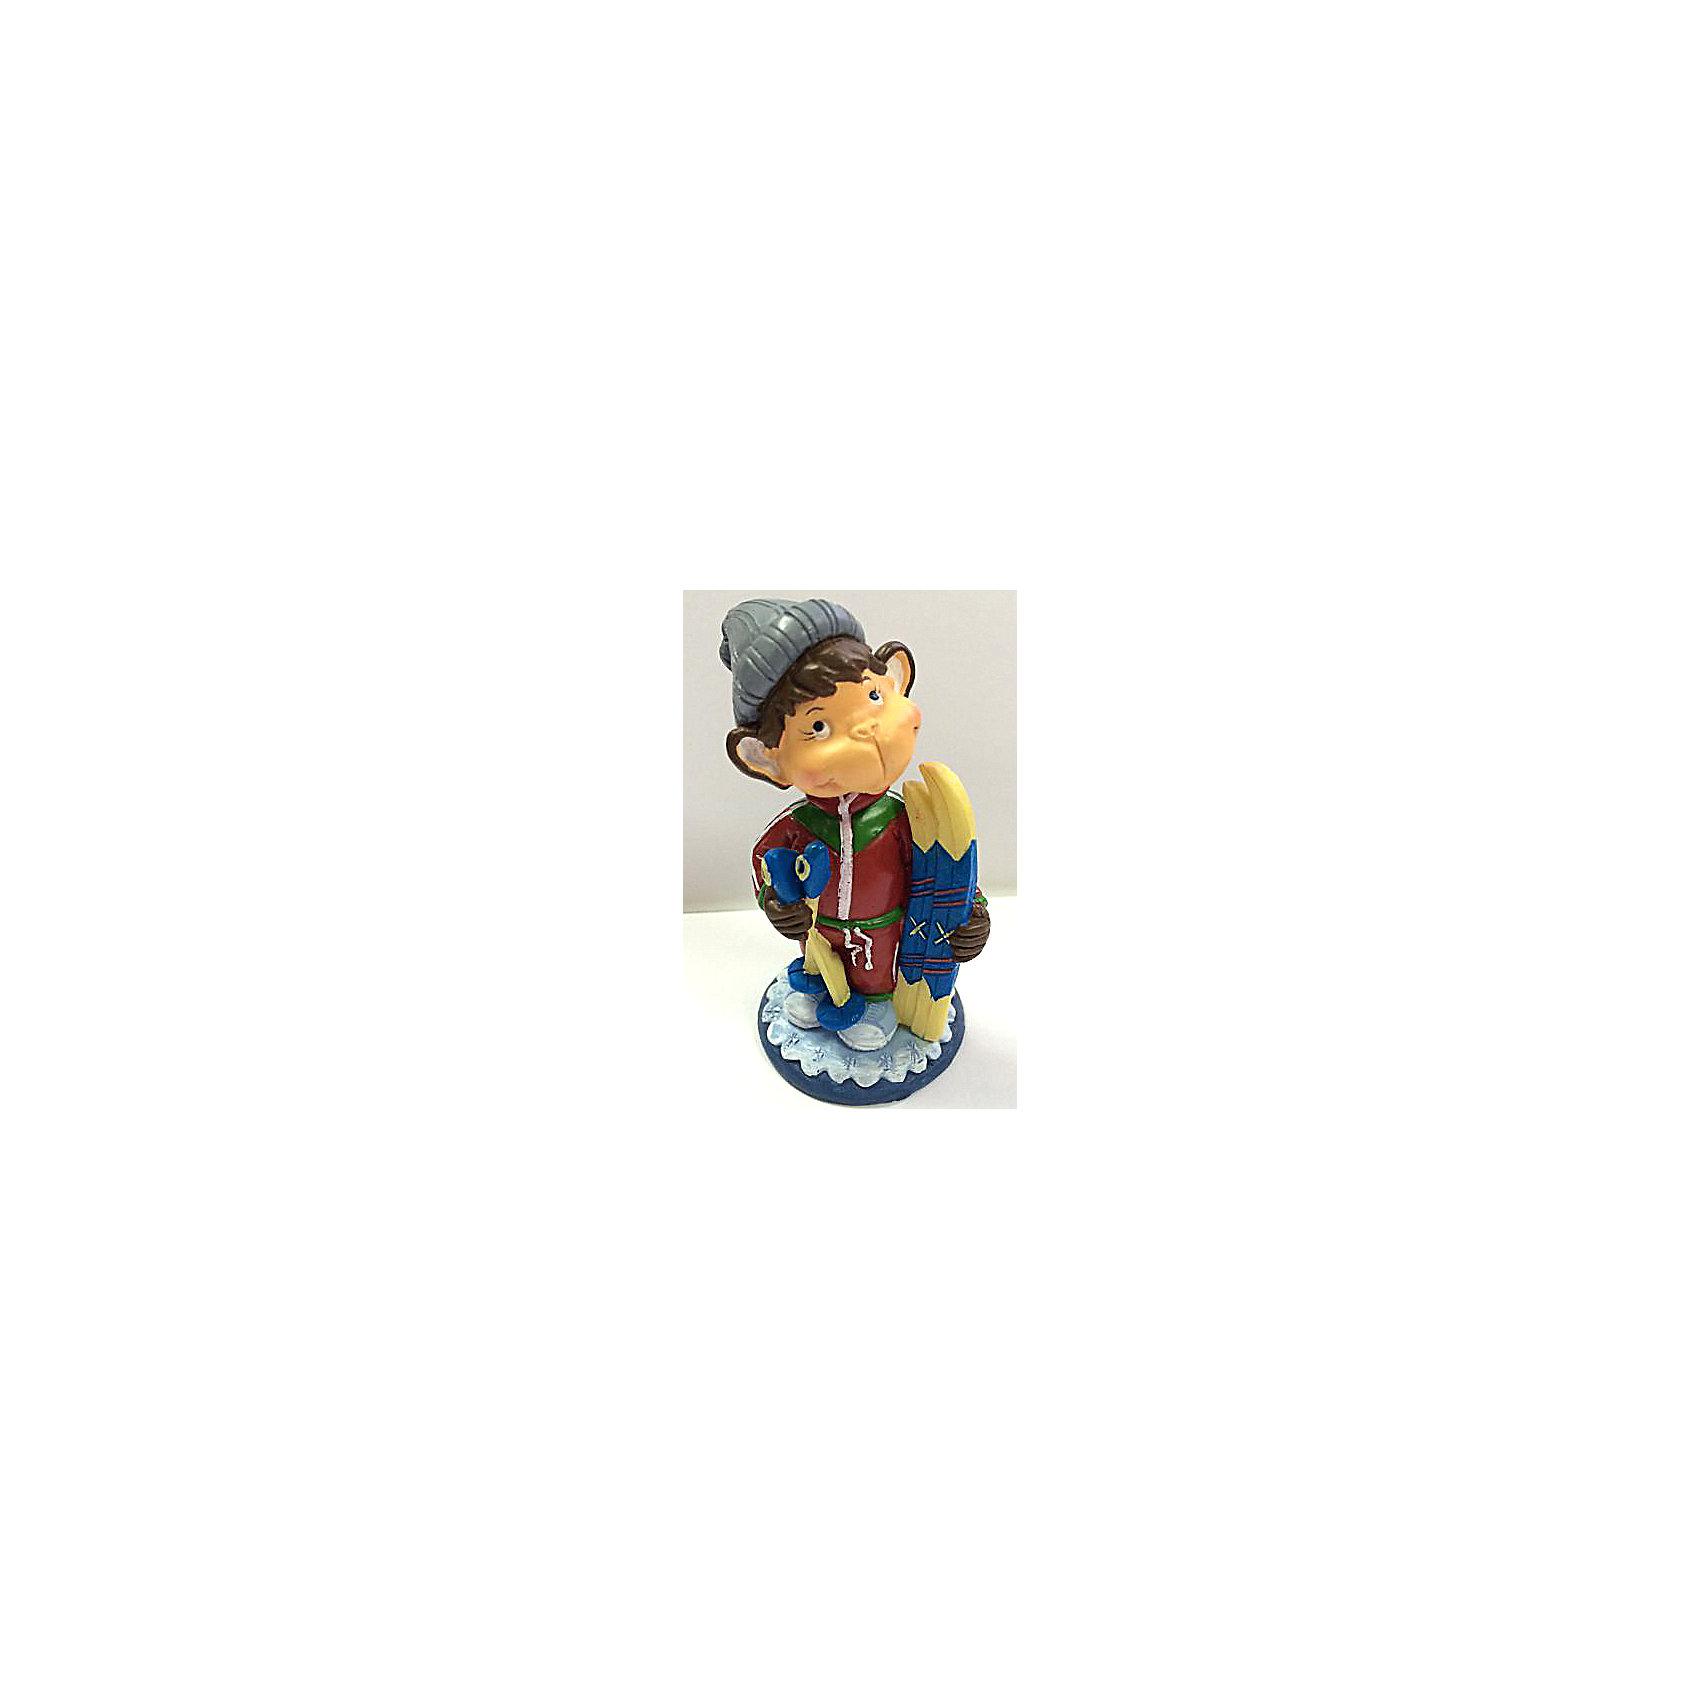 Декоративная обезьянка ЛыжникДекоративная обезьянка Лыжник, Феникс-Презент, прекрасно дополнит Ваш новогодний интерьер и станет приятным сувениром для родных и друзей. Веселая обезьянка одета в лыжный костюм и шапочку, в лапках у нее лыжи и палки. Обезьяна является символом Нового 2016 года, забавная фигурка принесет Вам радость и удачу и поднимет настроение. <br><br>Дополнительная информация:<br><br>- Материал: полирезина. <br>- Размер фигурки: 4,8 х 4 х 8,2 см.<br><br>Декоративную обезьянку Лыжник, Феникс-Презент, можно купить в нашем интернет-магазине.<br><br>Ширина мм: 60<br>Глубина мм: 60<br>Высота мм: 100<br>Вес г: 100<br>Возраст от месяцев: 36<br>Возраст до месяцев: 2147483647<br>Пол: Унисекс<br>Возраст: Детский<br>SKU: 4276515